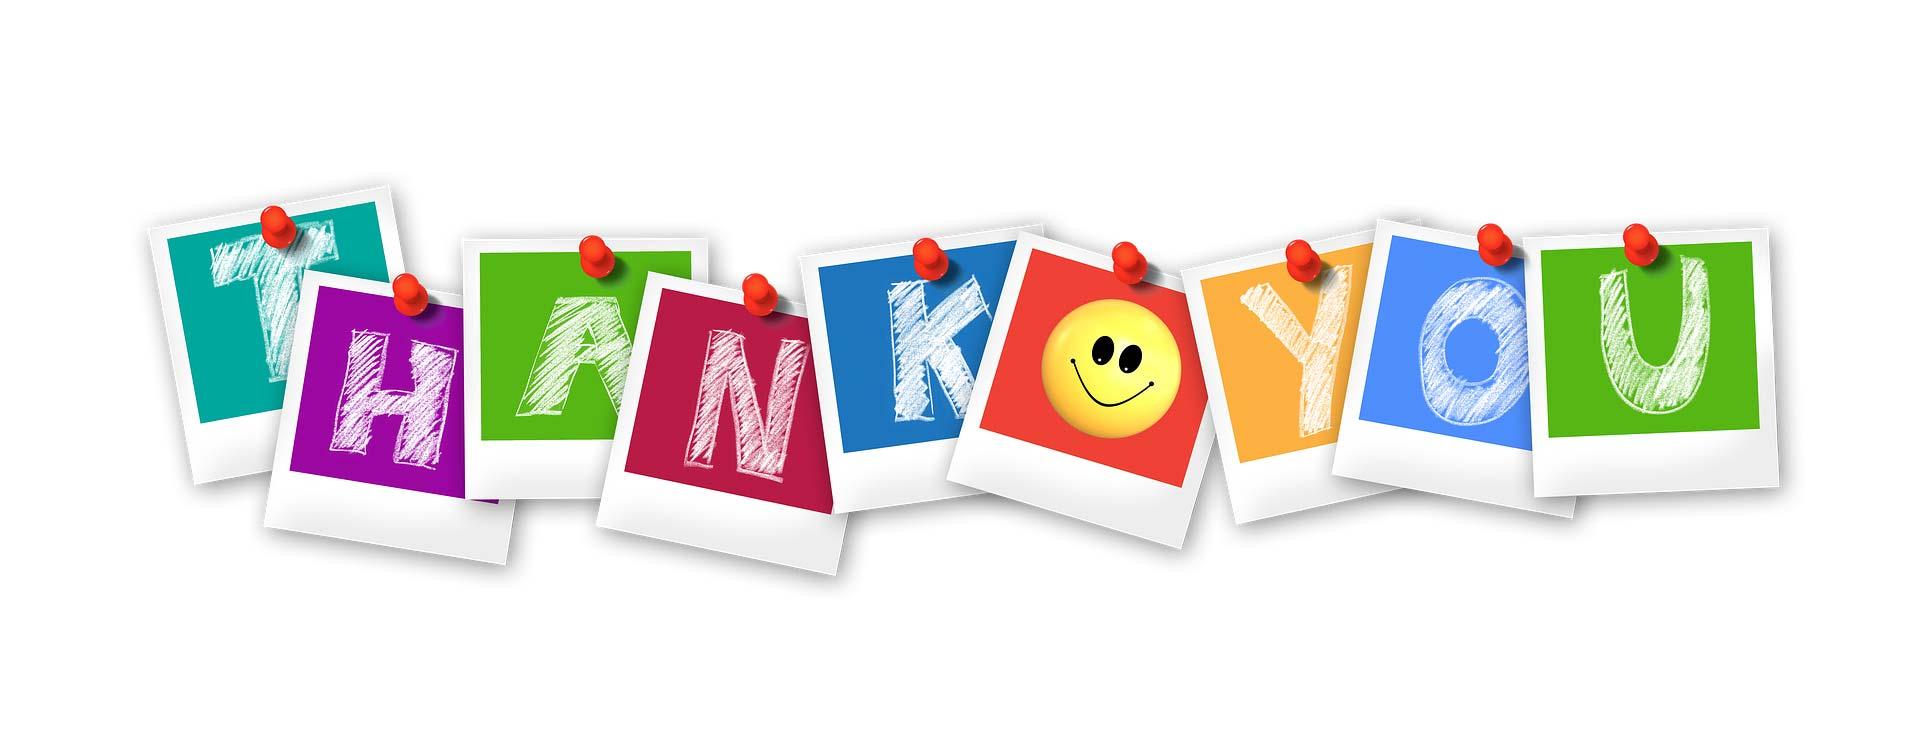 Danke sagen wirkt deshalb so gut, weil es von Herzen kommt und zu Herzen geht!